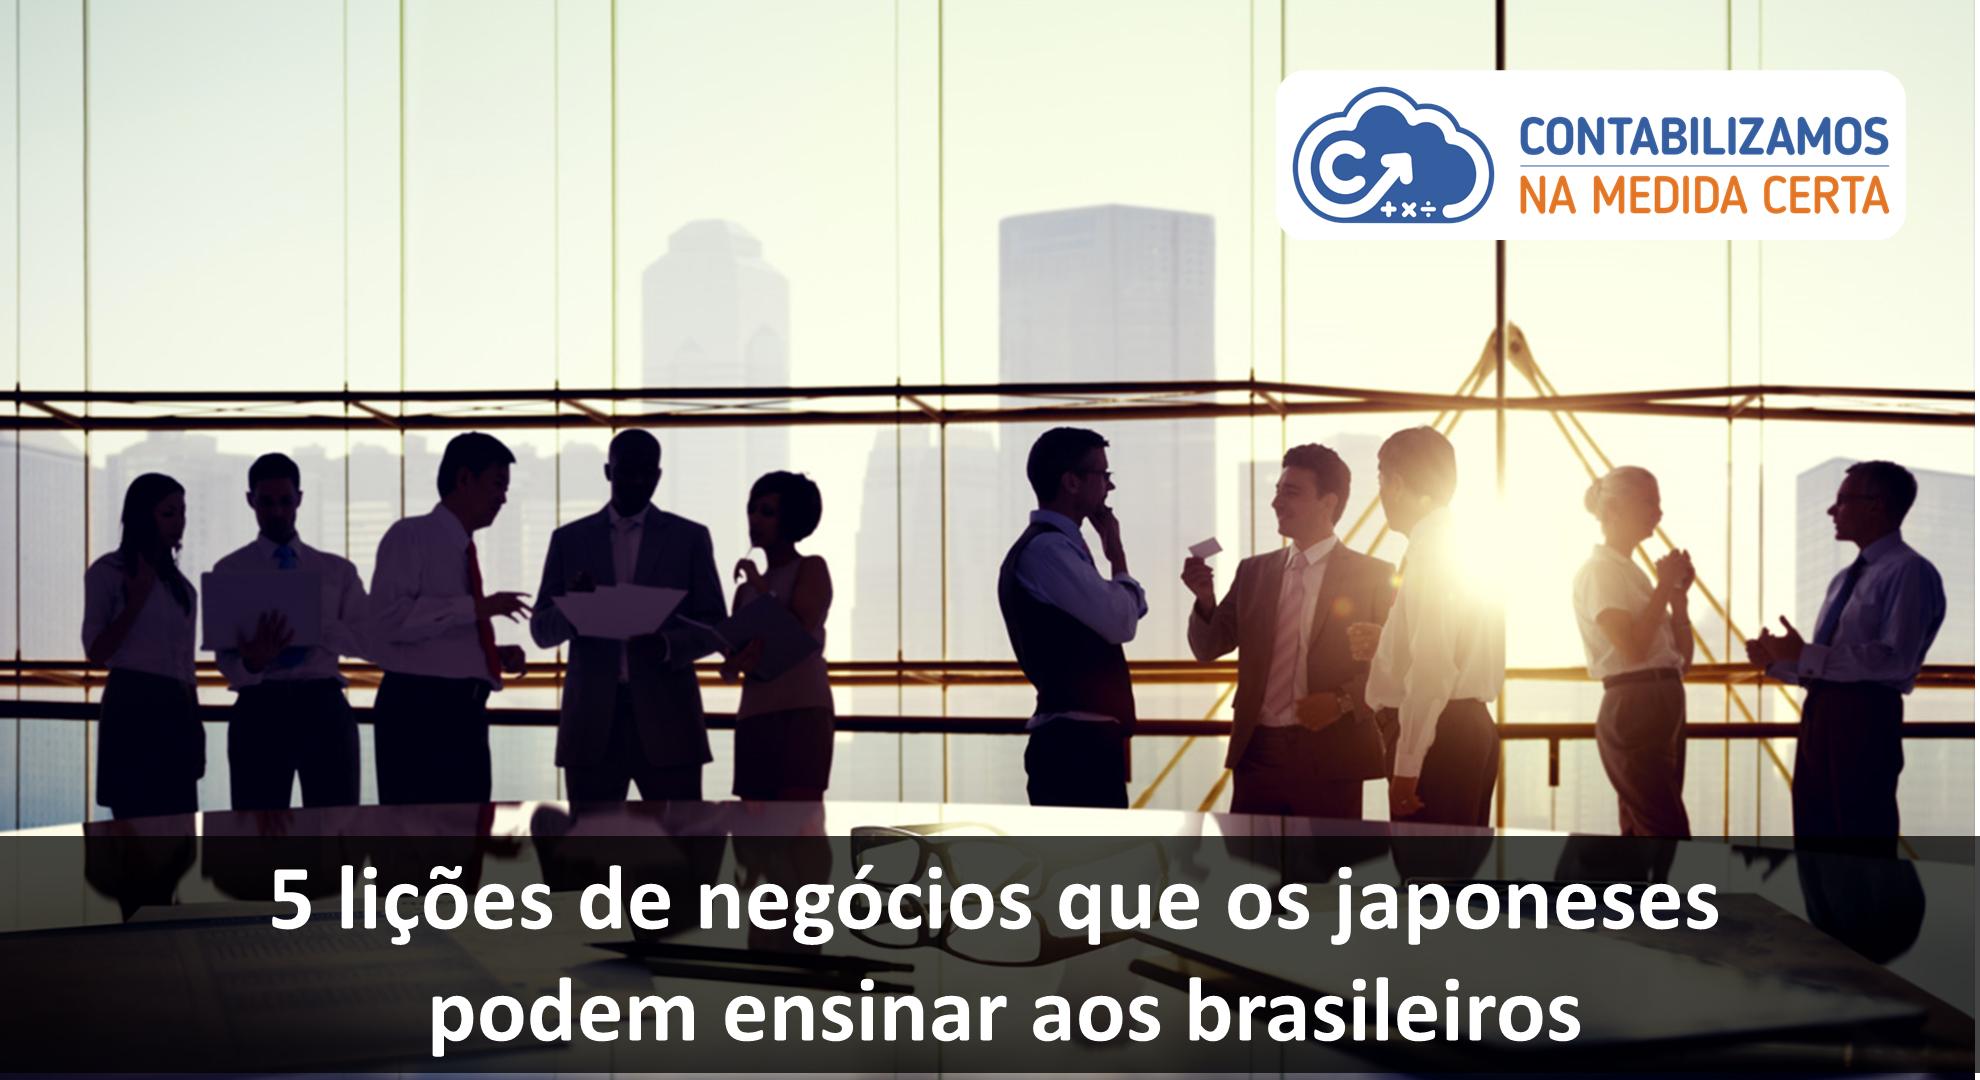 5 Lições De Negócios Que Os Japoneses Podem Ensinar Aos Brasileiros